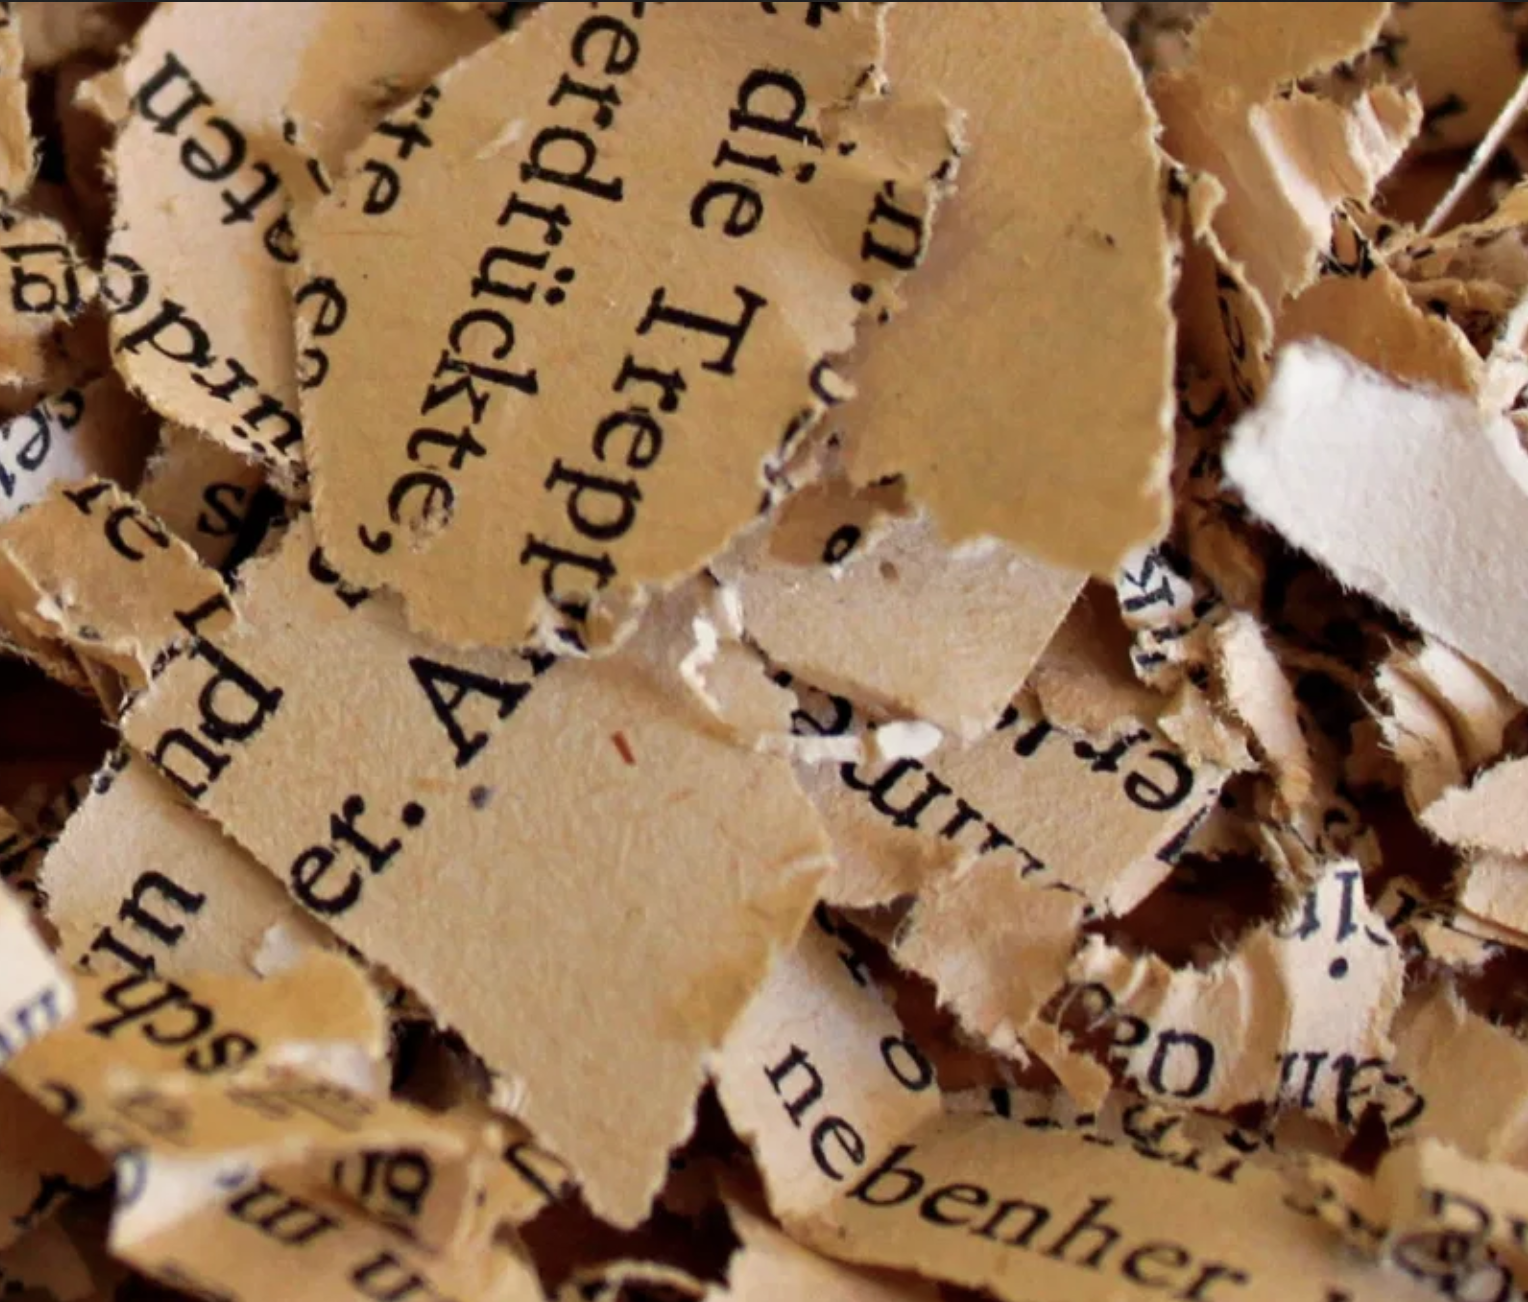 Beitrag zum gesellschaftlichen Auftrag von Kultur und dem Verhältnis zwischen Politik und Lyrik